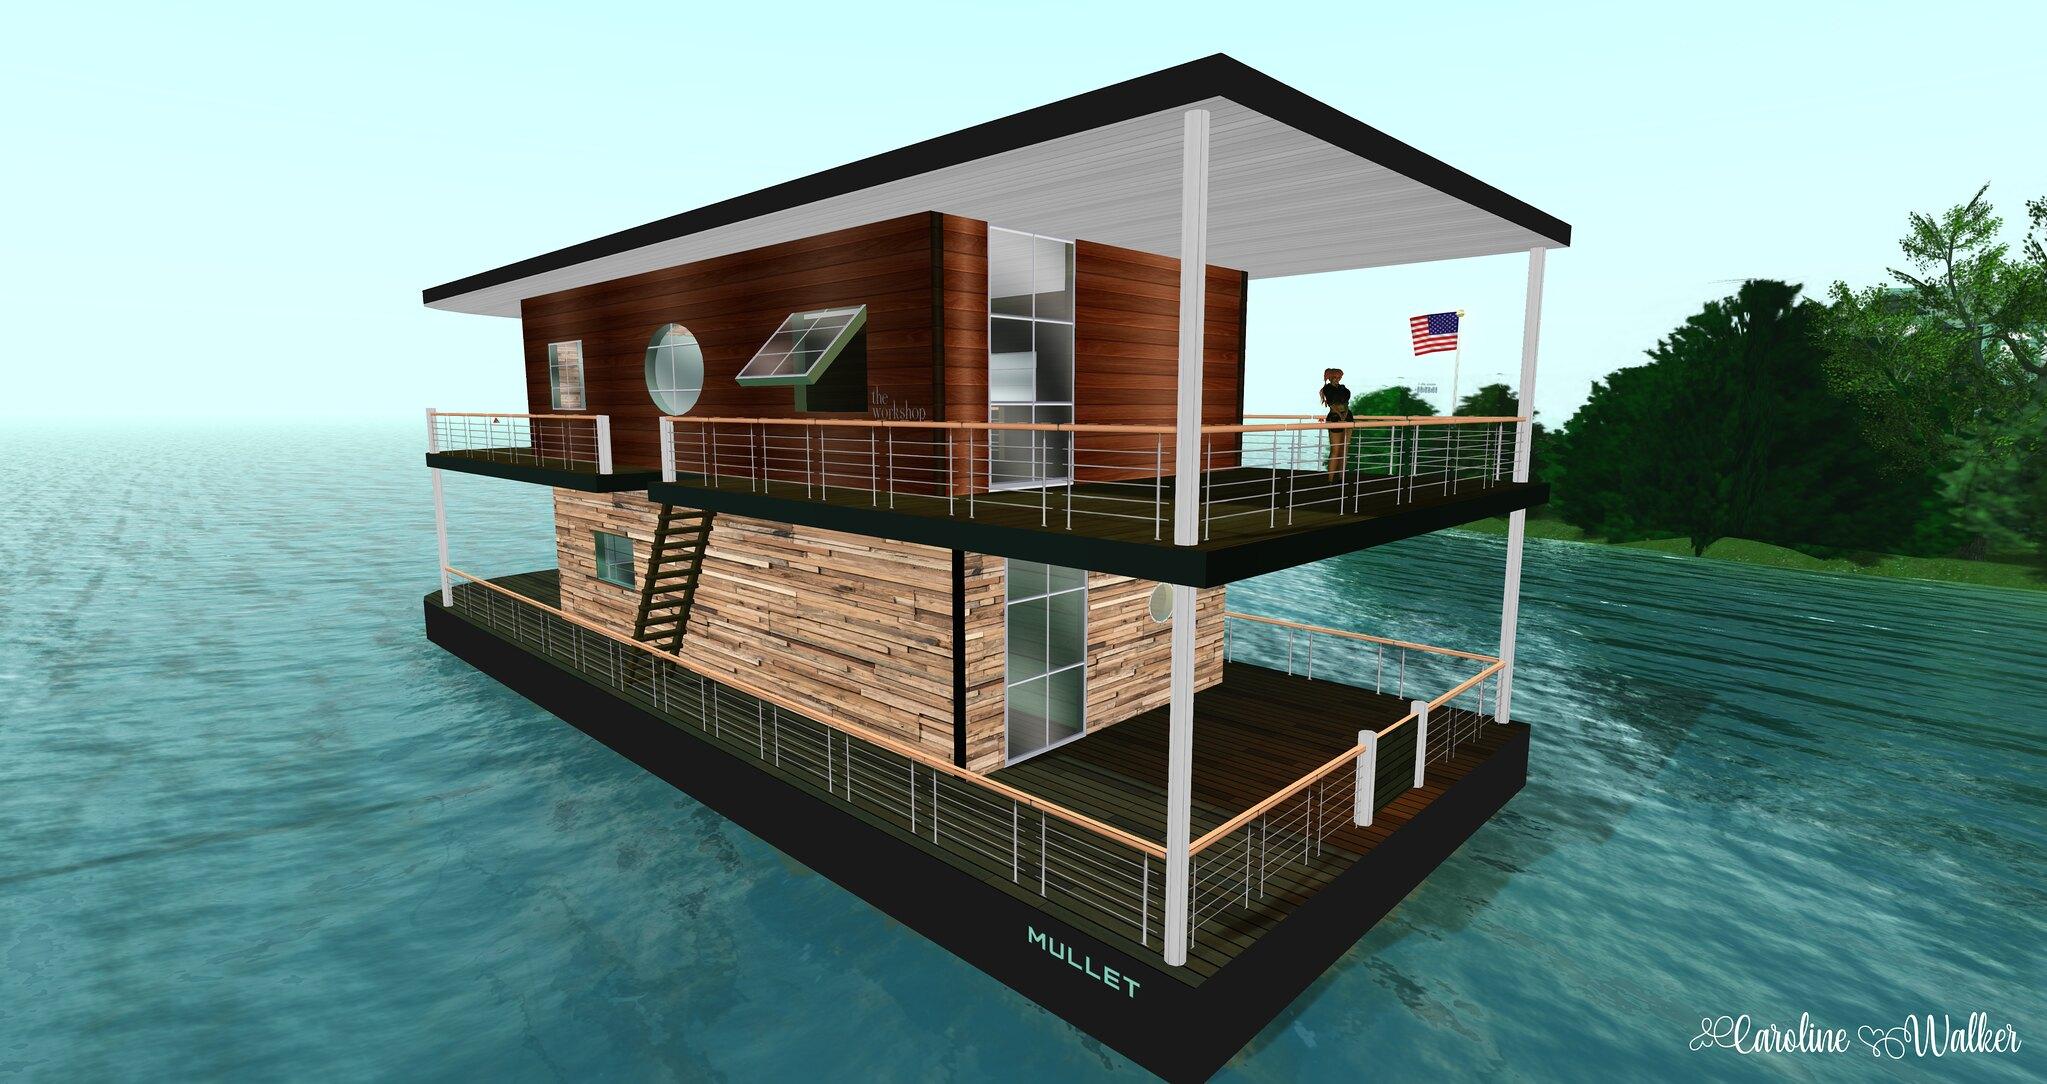 Free houseboats!